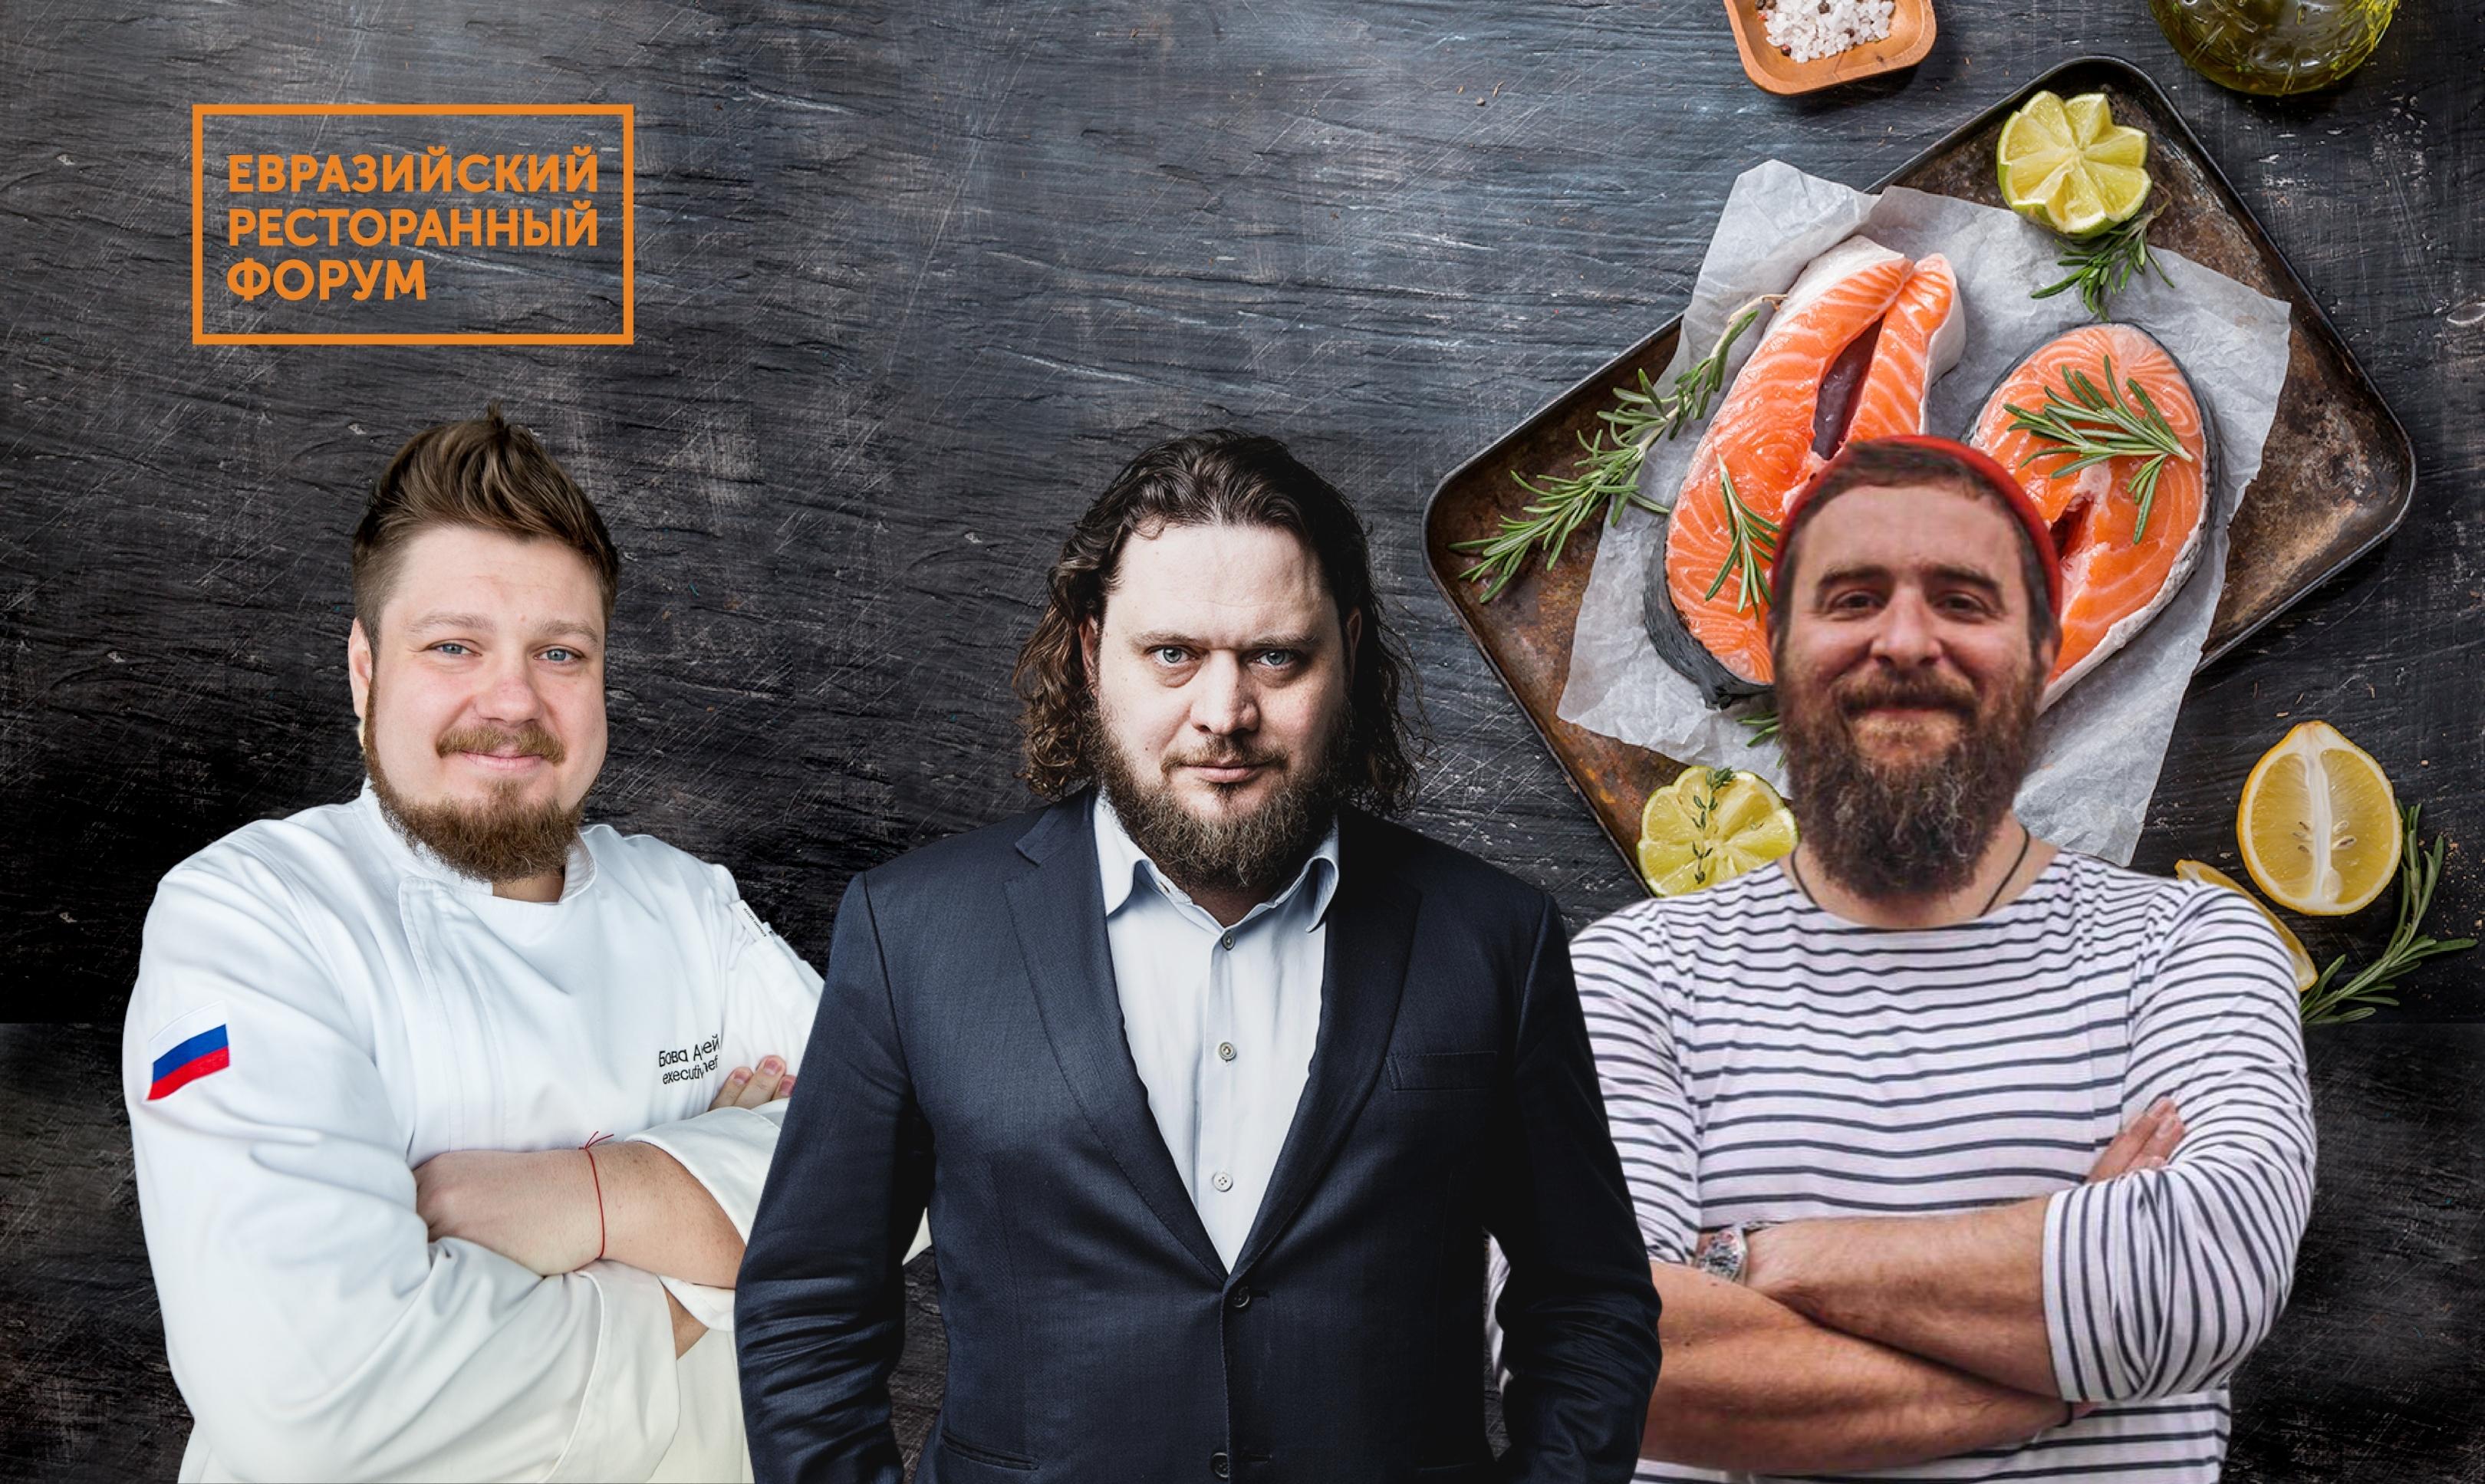 Секреты успешного бизнеса: что ждет участников «Евразийского Ресторанного Форума»